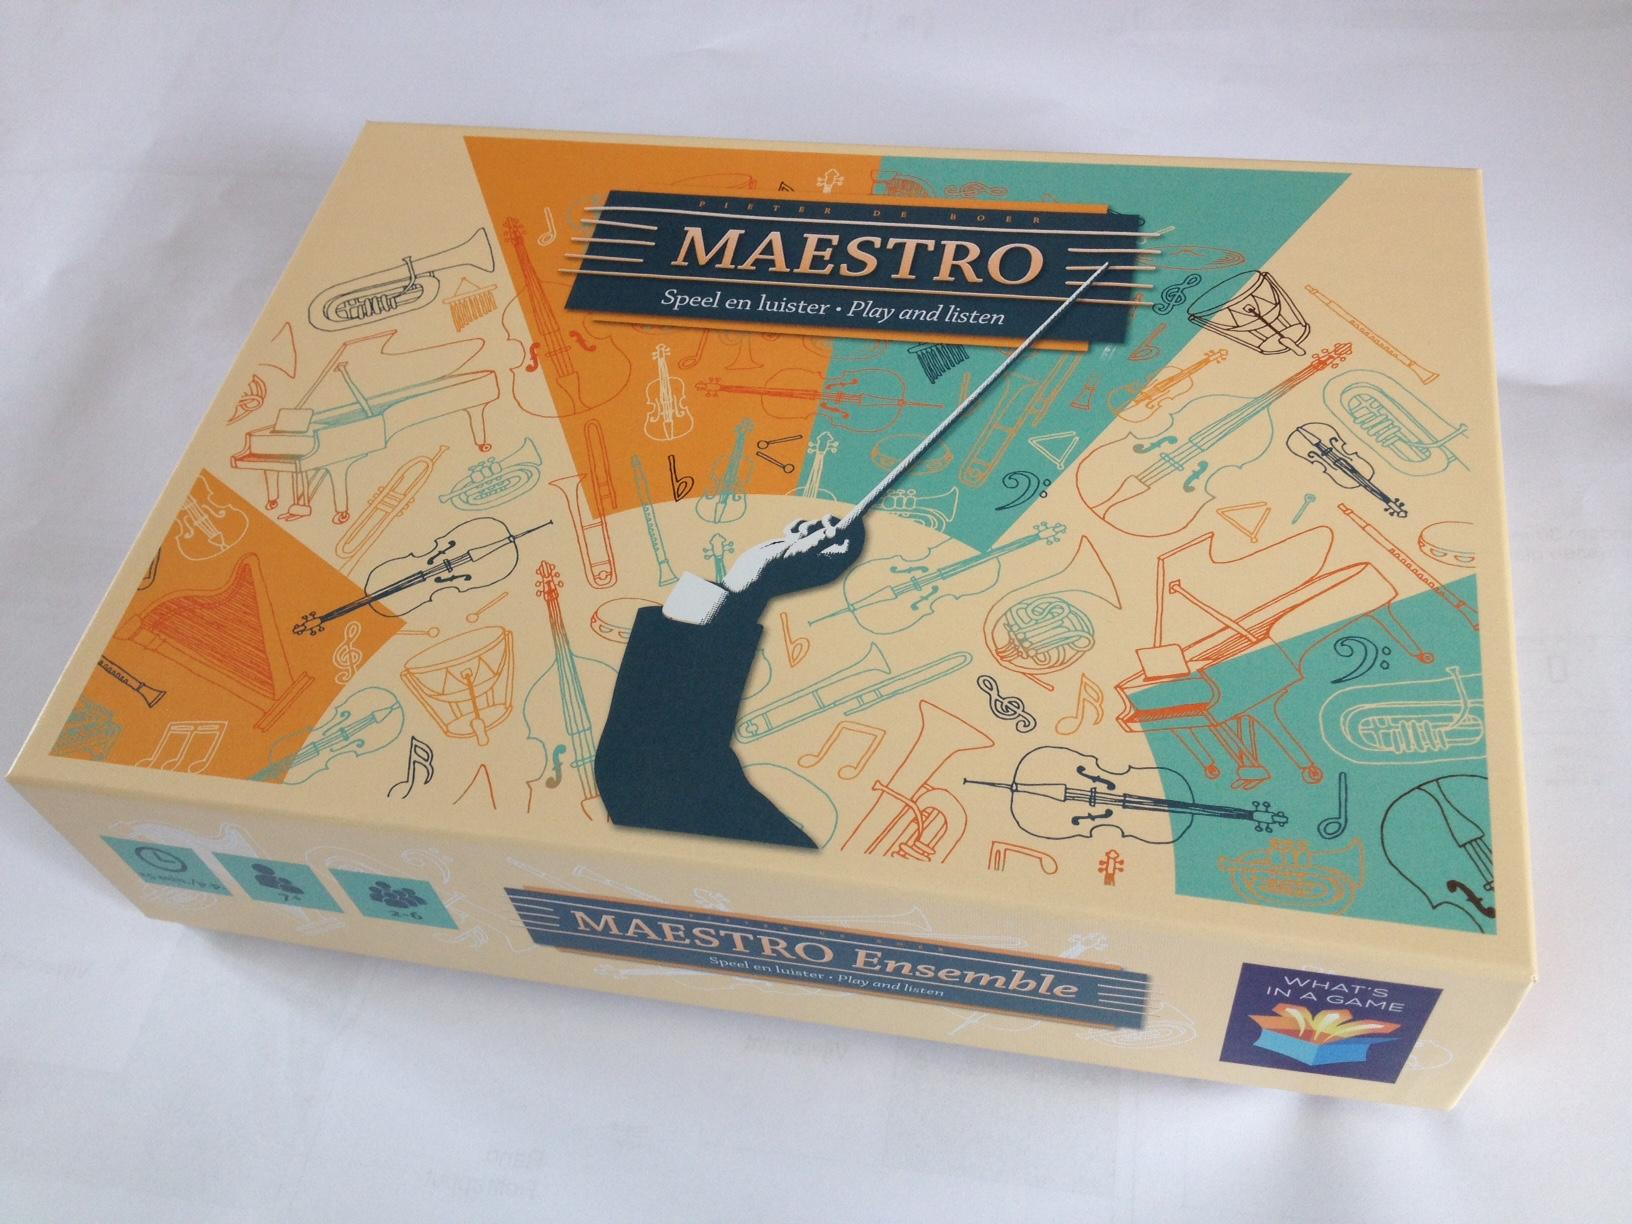 Maestro-Ensemble-Symphony